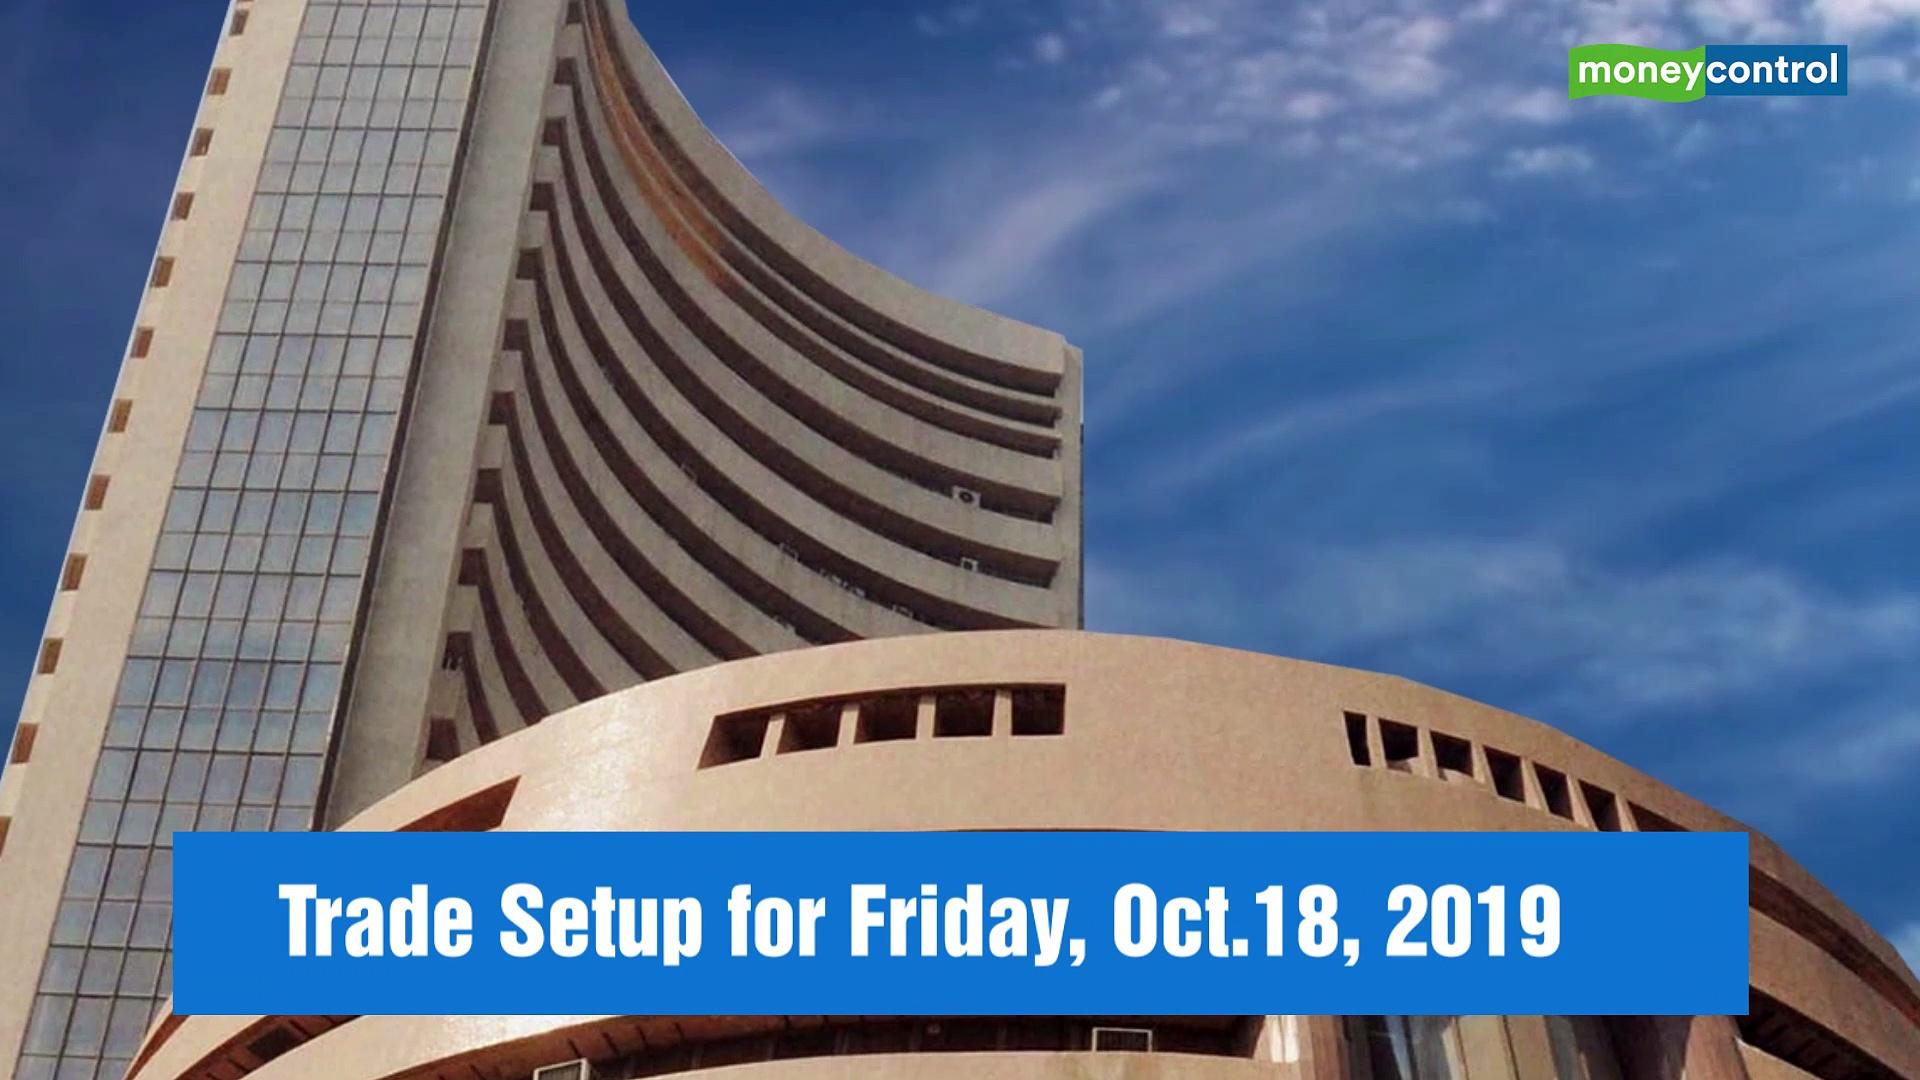 Trade Setup for October 18